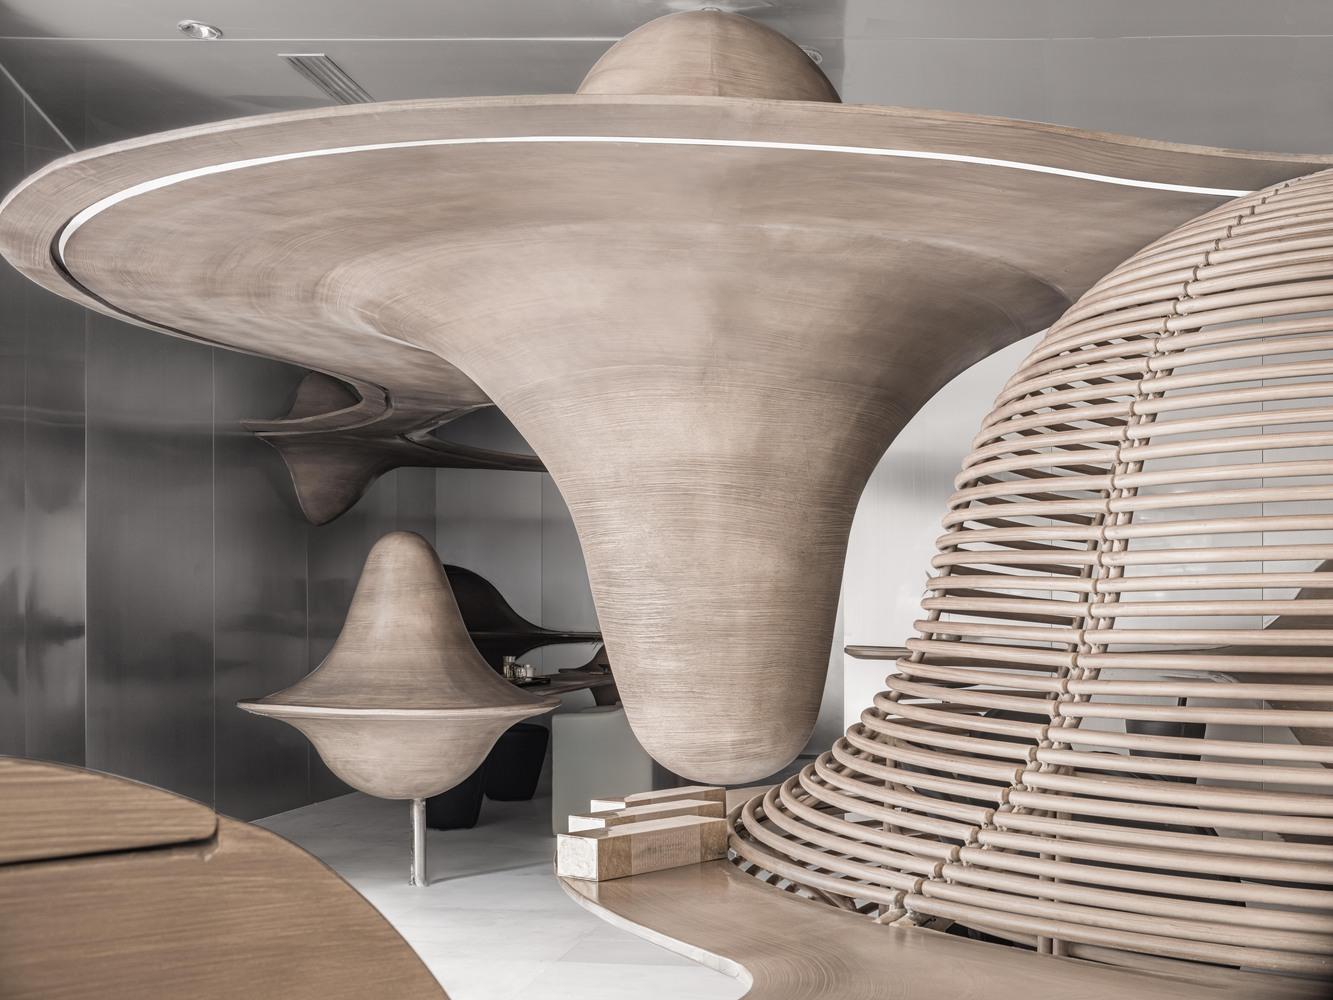 materiales como el acero inoxidable y la madera presentes en el diseño de la tienda de te